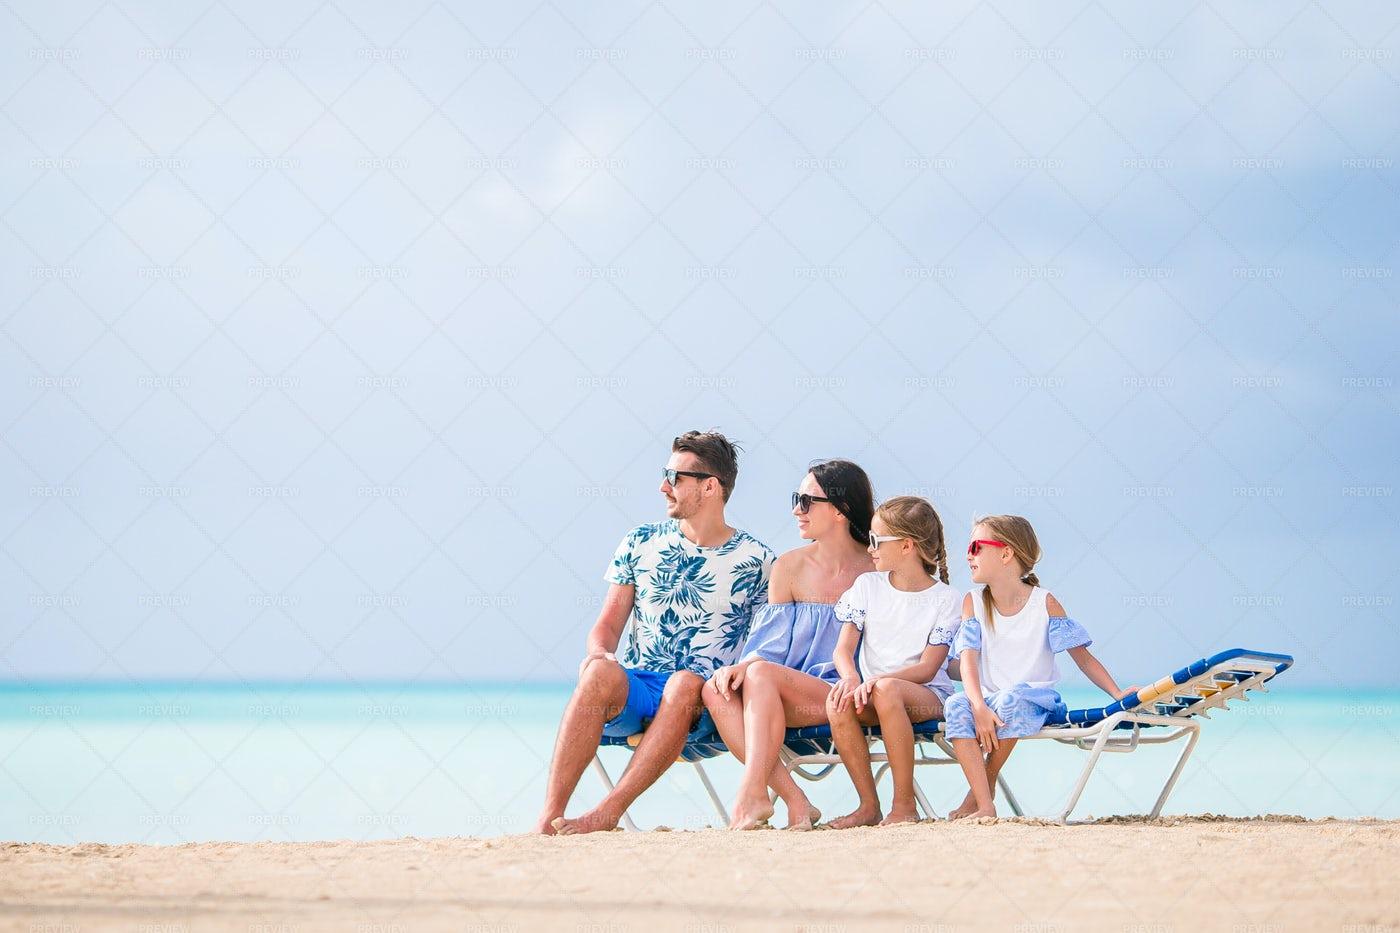 Happy Family On Vacations: Stock Photos